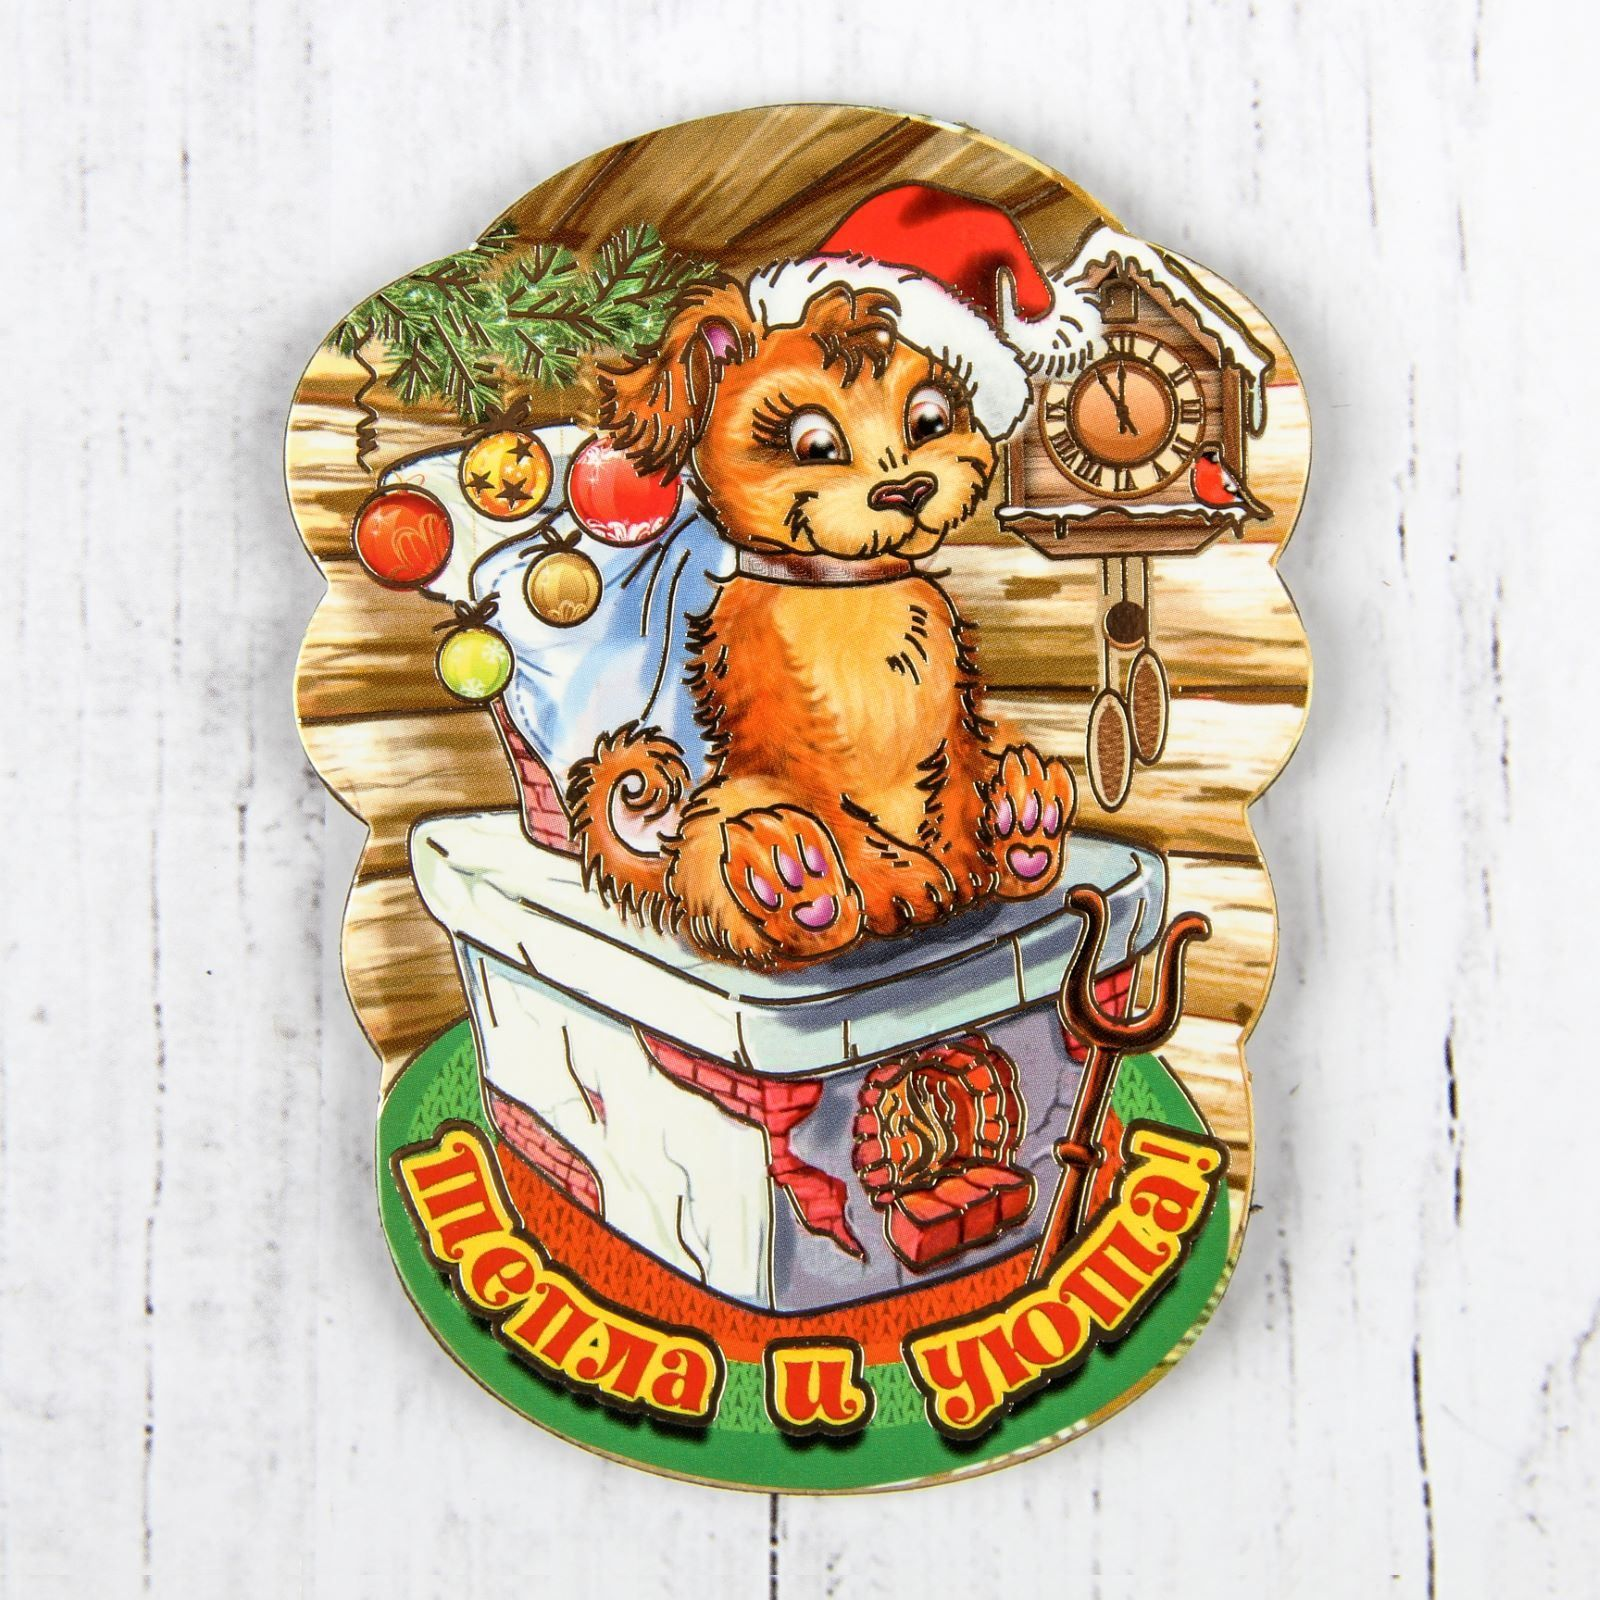 Магнит Sima-land Новогодний. 2018, 10 х 7,5 см. 25323942532394Порадуйте родных и близких оригинальным сувениром: преподнесите в подарок магнит. С ним даже самый серьёзный человек почувствует себя ребёнком, ожидающим чудо! Создайте праздничное настроение, и оно останется с вами на весь год.